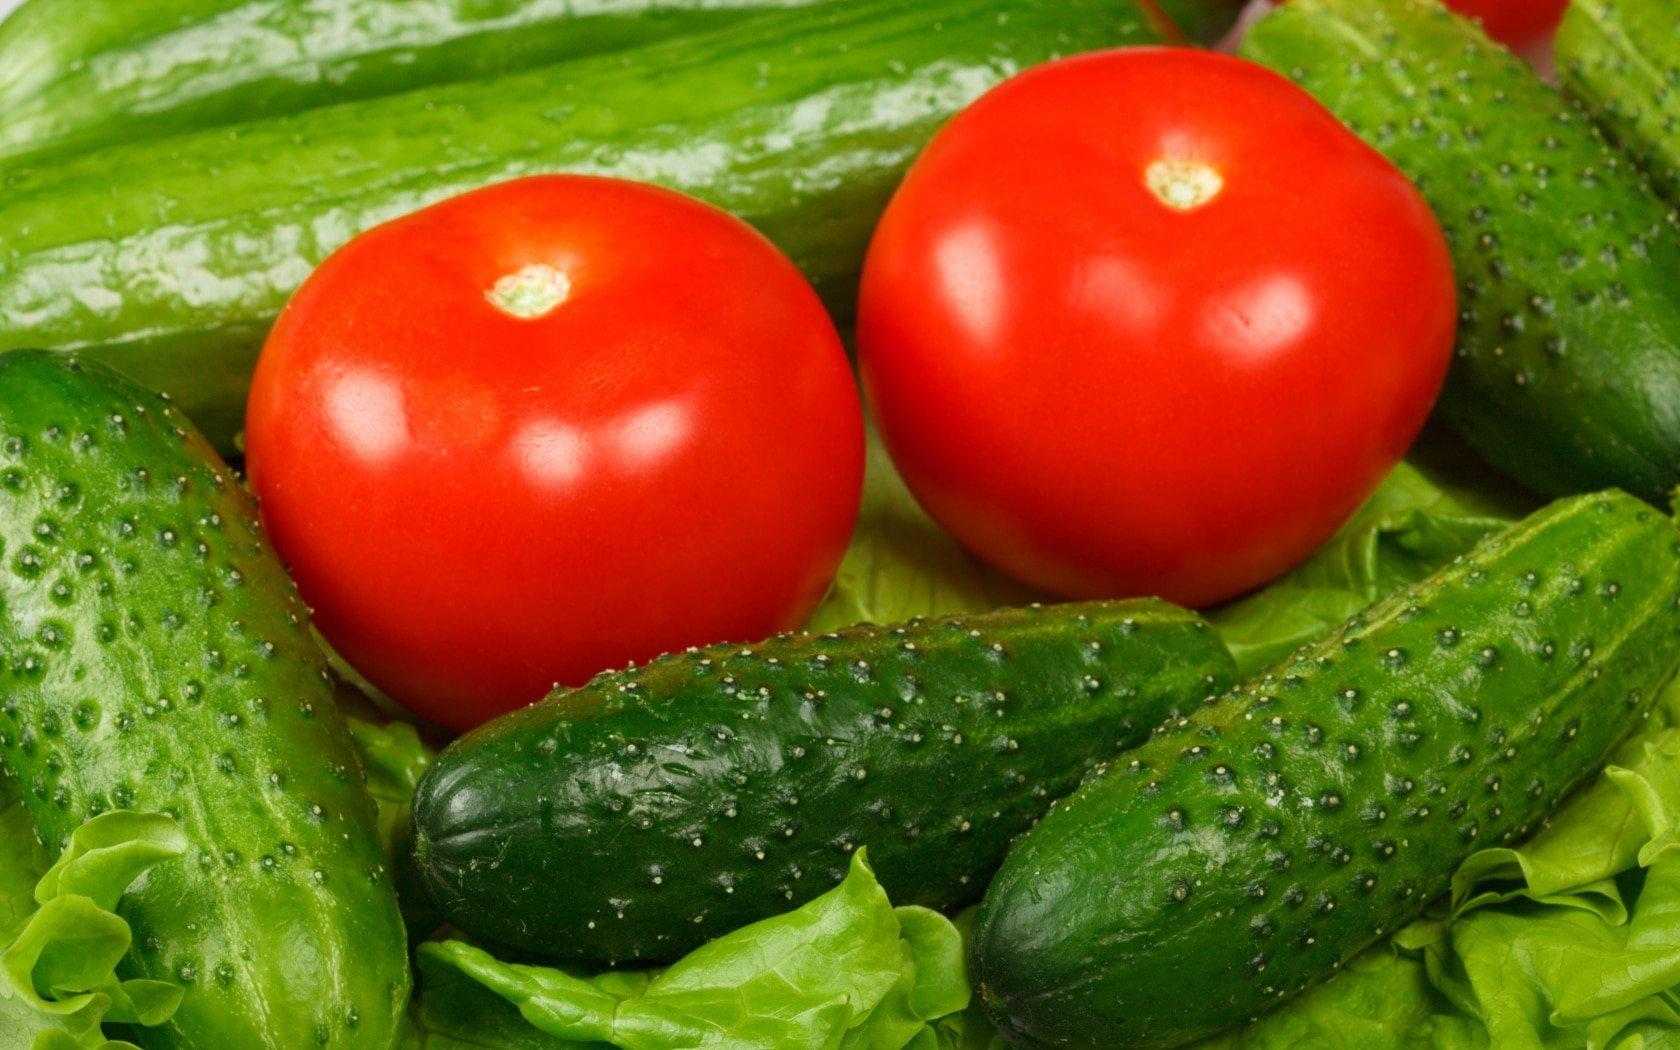 В Мурманске стоимость огурцов и помидоров увеличилась более, чем на 30%